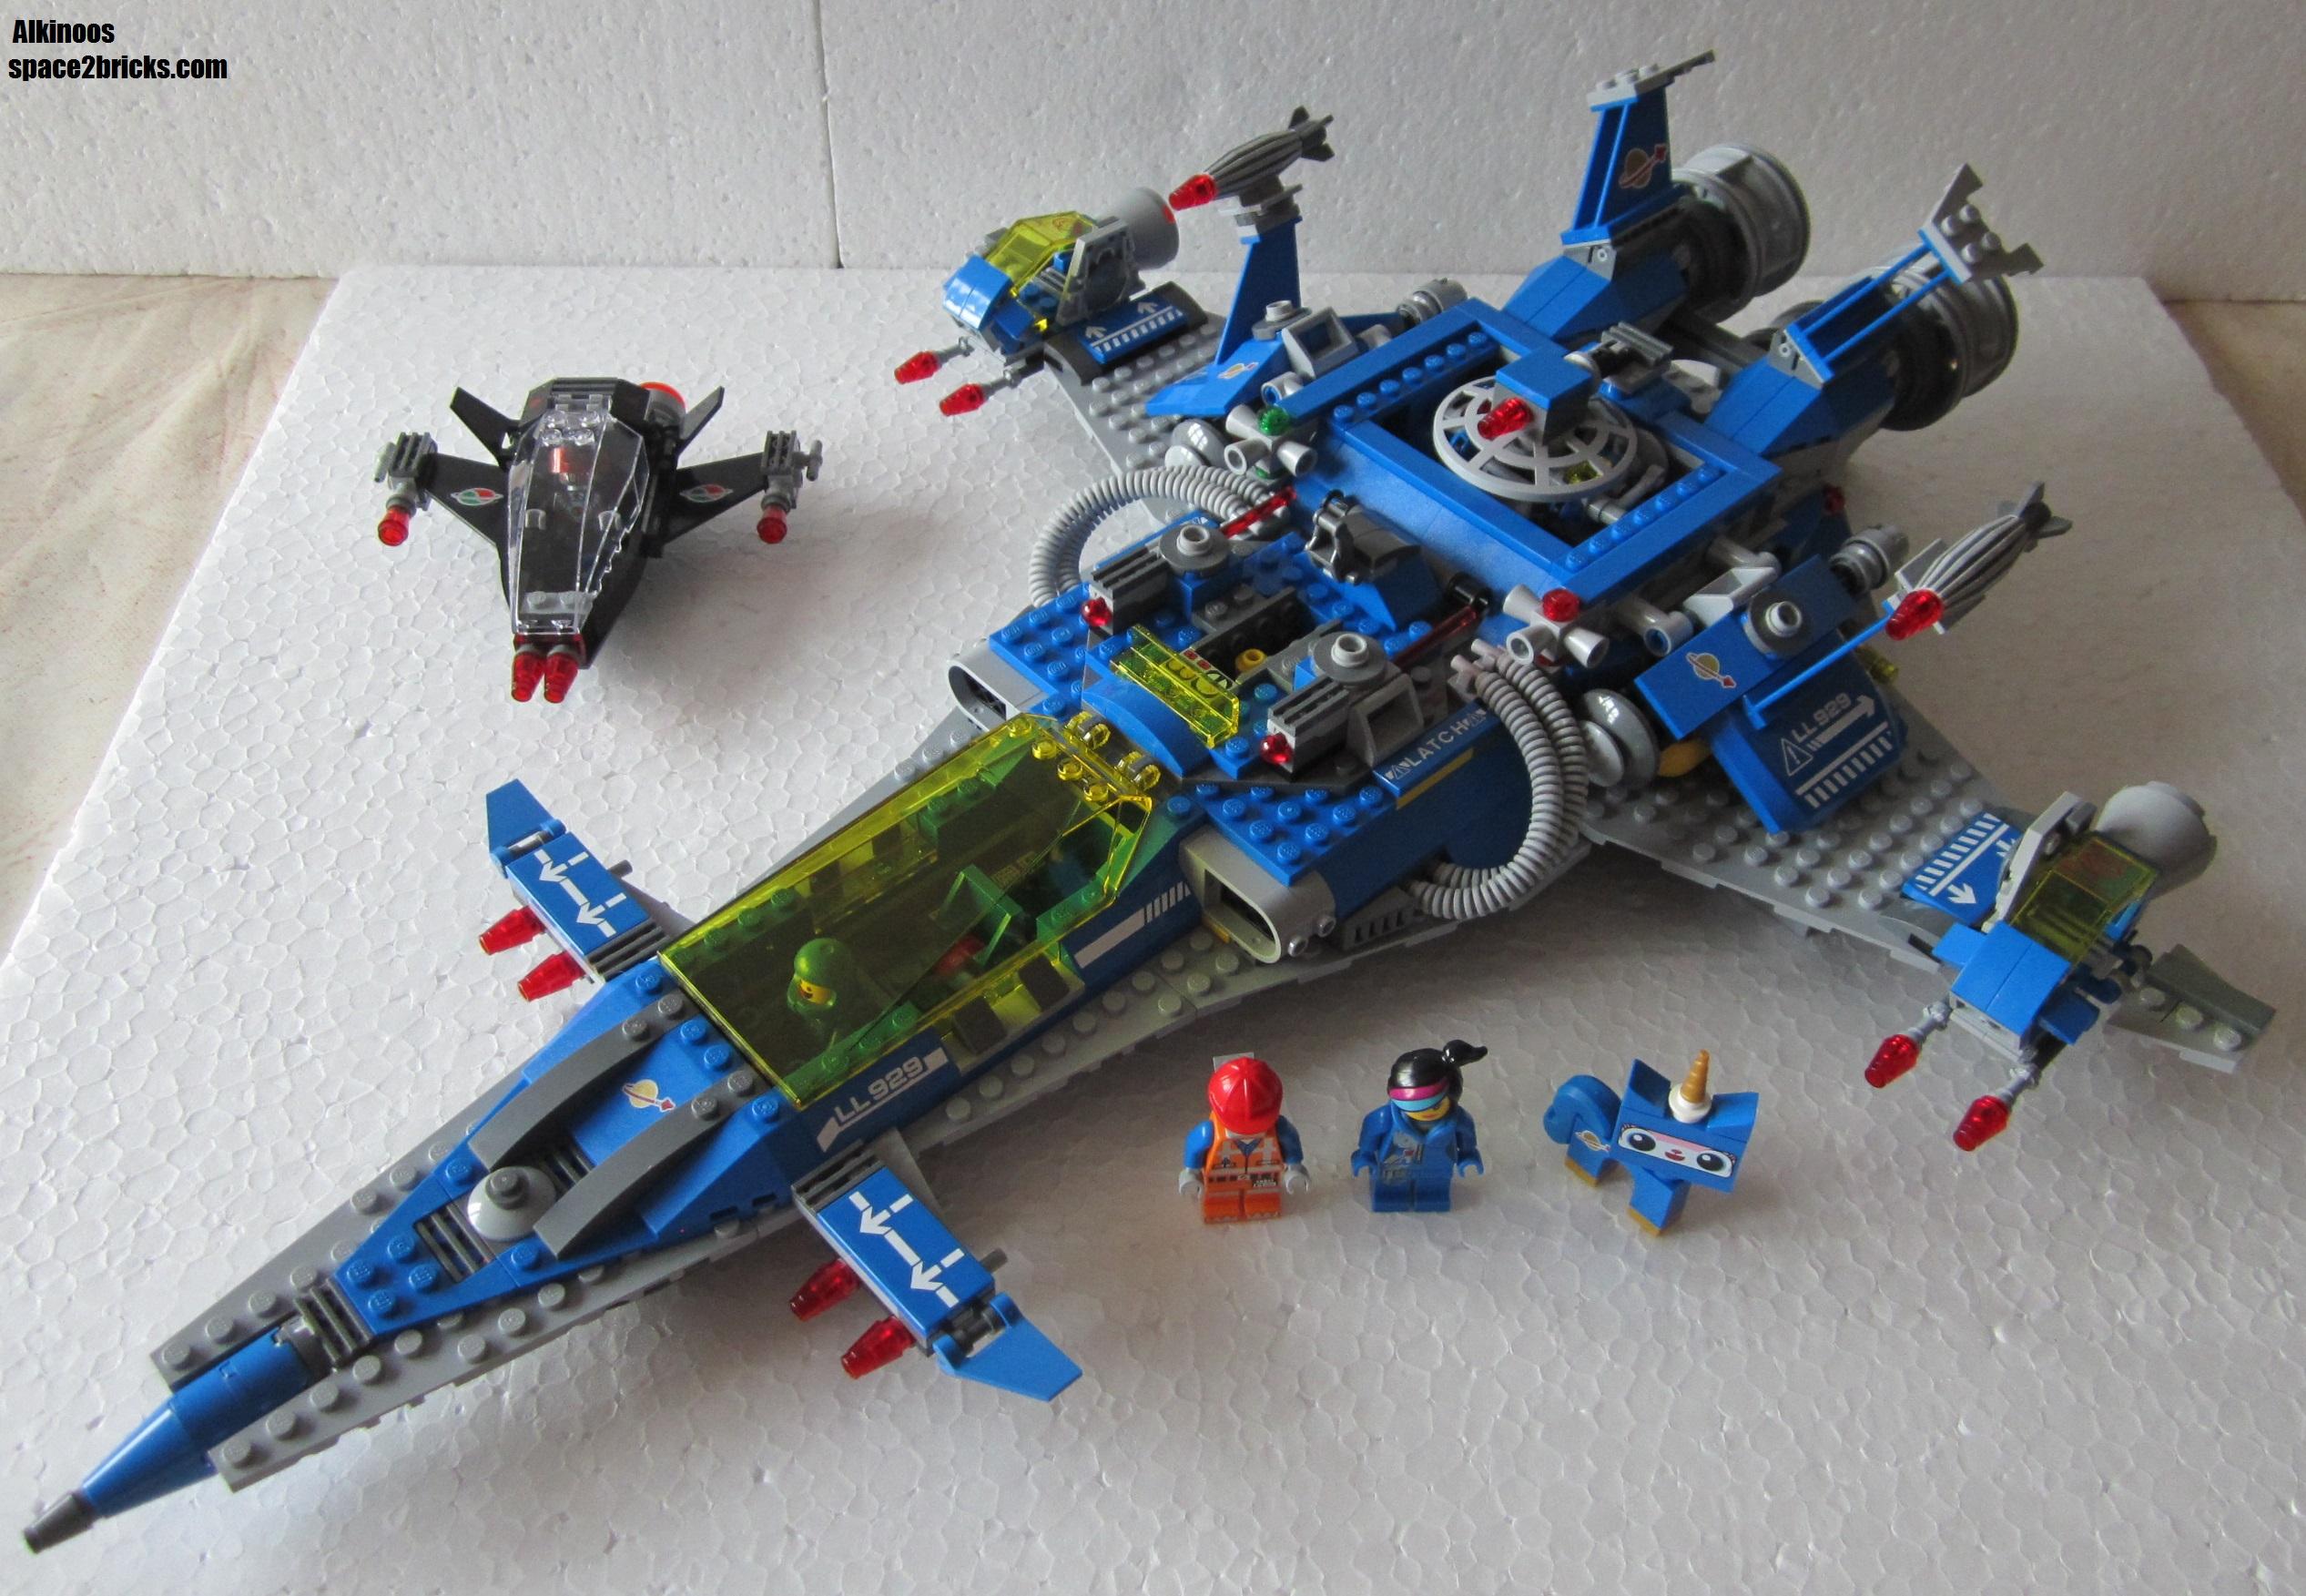 lego movie 70816 le vaisseau spatial de benny lego r by alkinoos. Black Bedroom Furniture Sets. Home Design Ideas